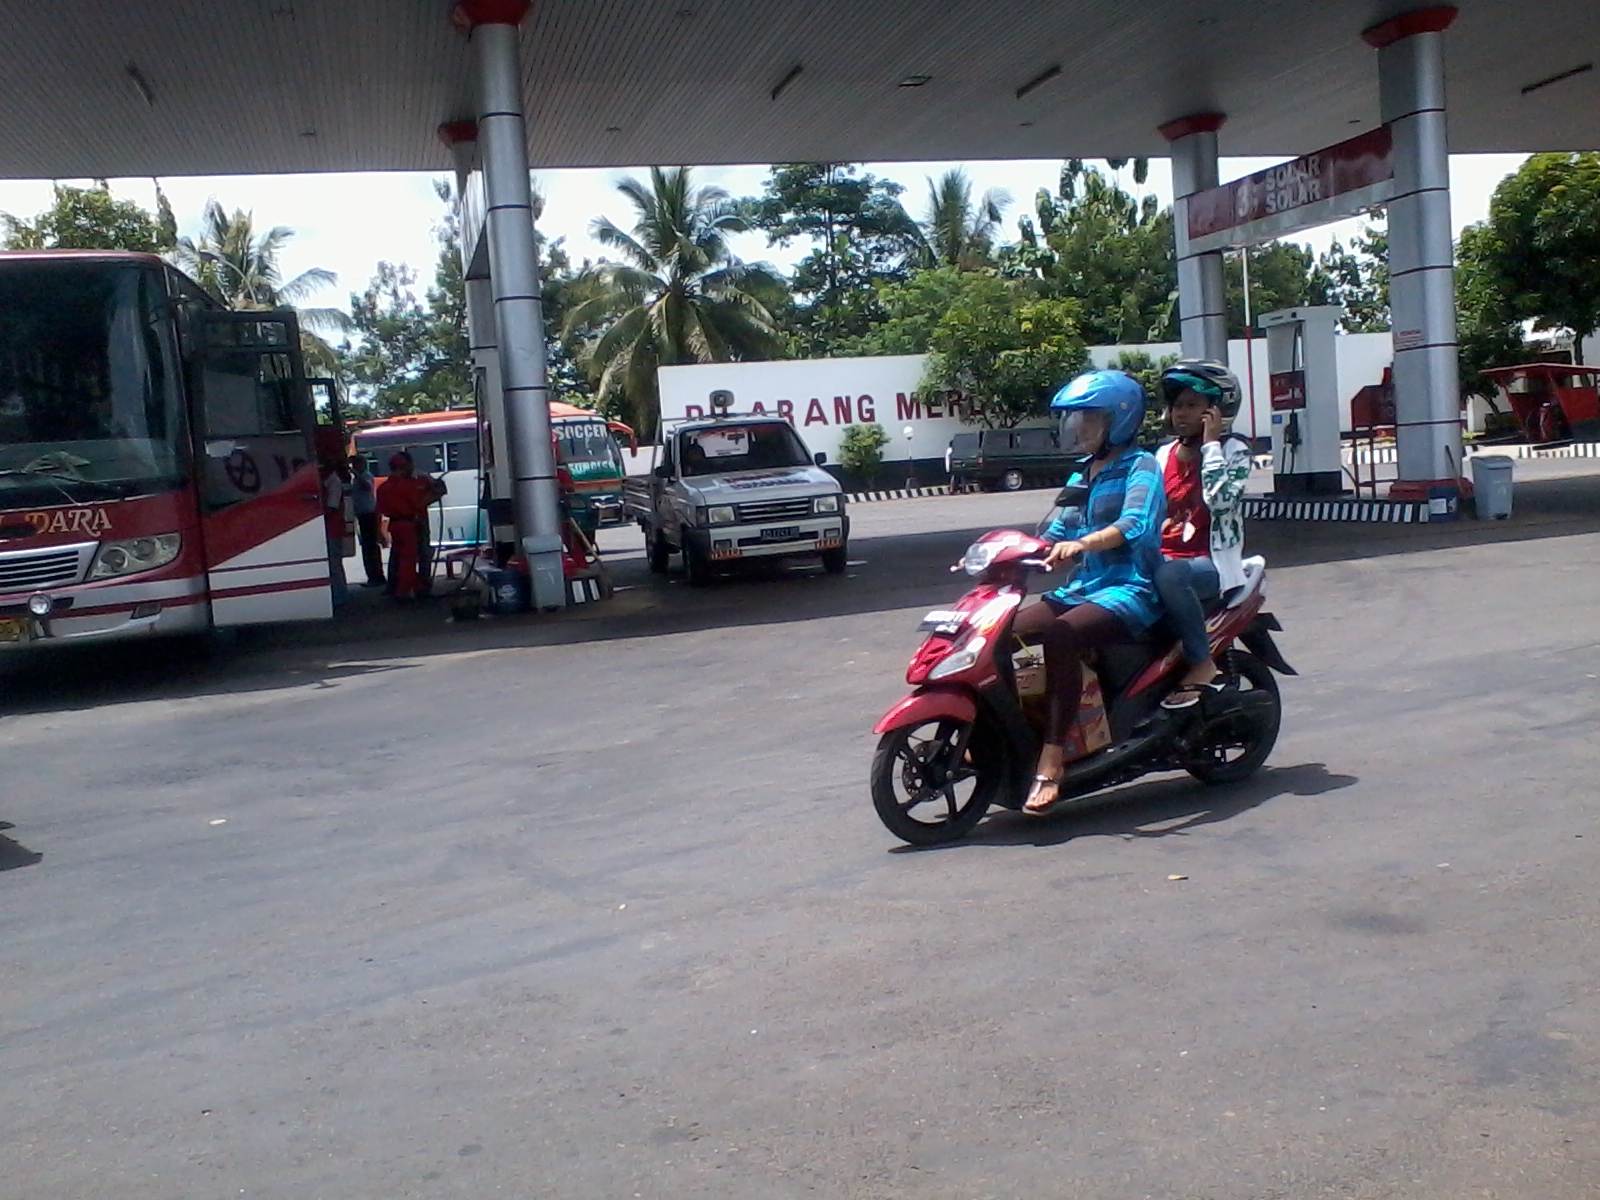 Vario Hadiyantacom Blogger Commuter Father Engineer New 110 Esp Cbs Glam Red Kab Semarang Mio